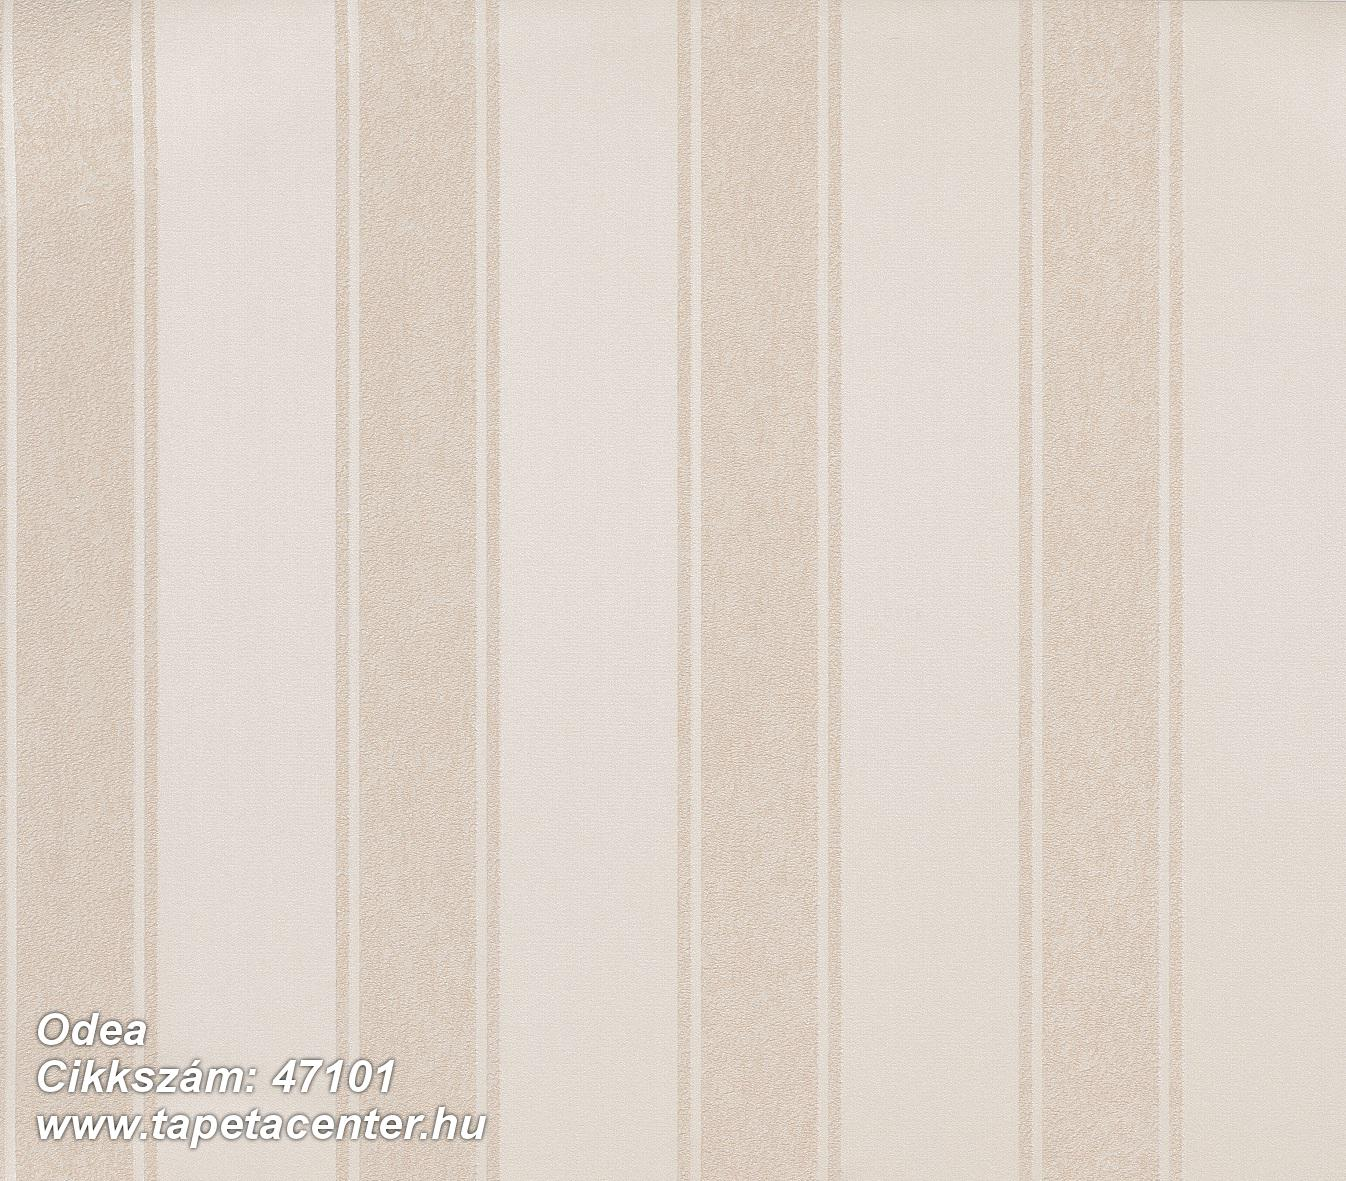 Odea - 47101 Olasz tapéta